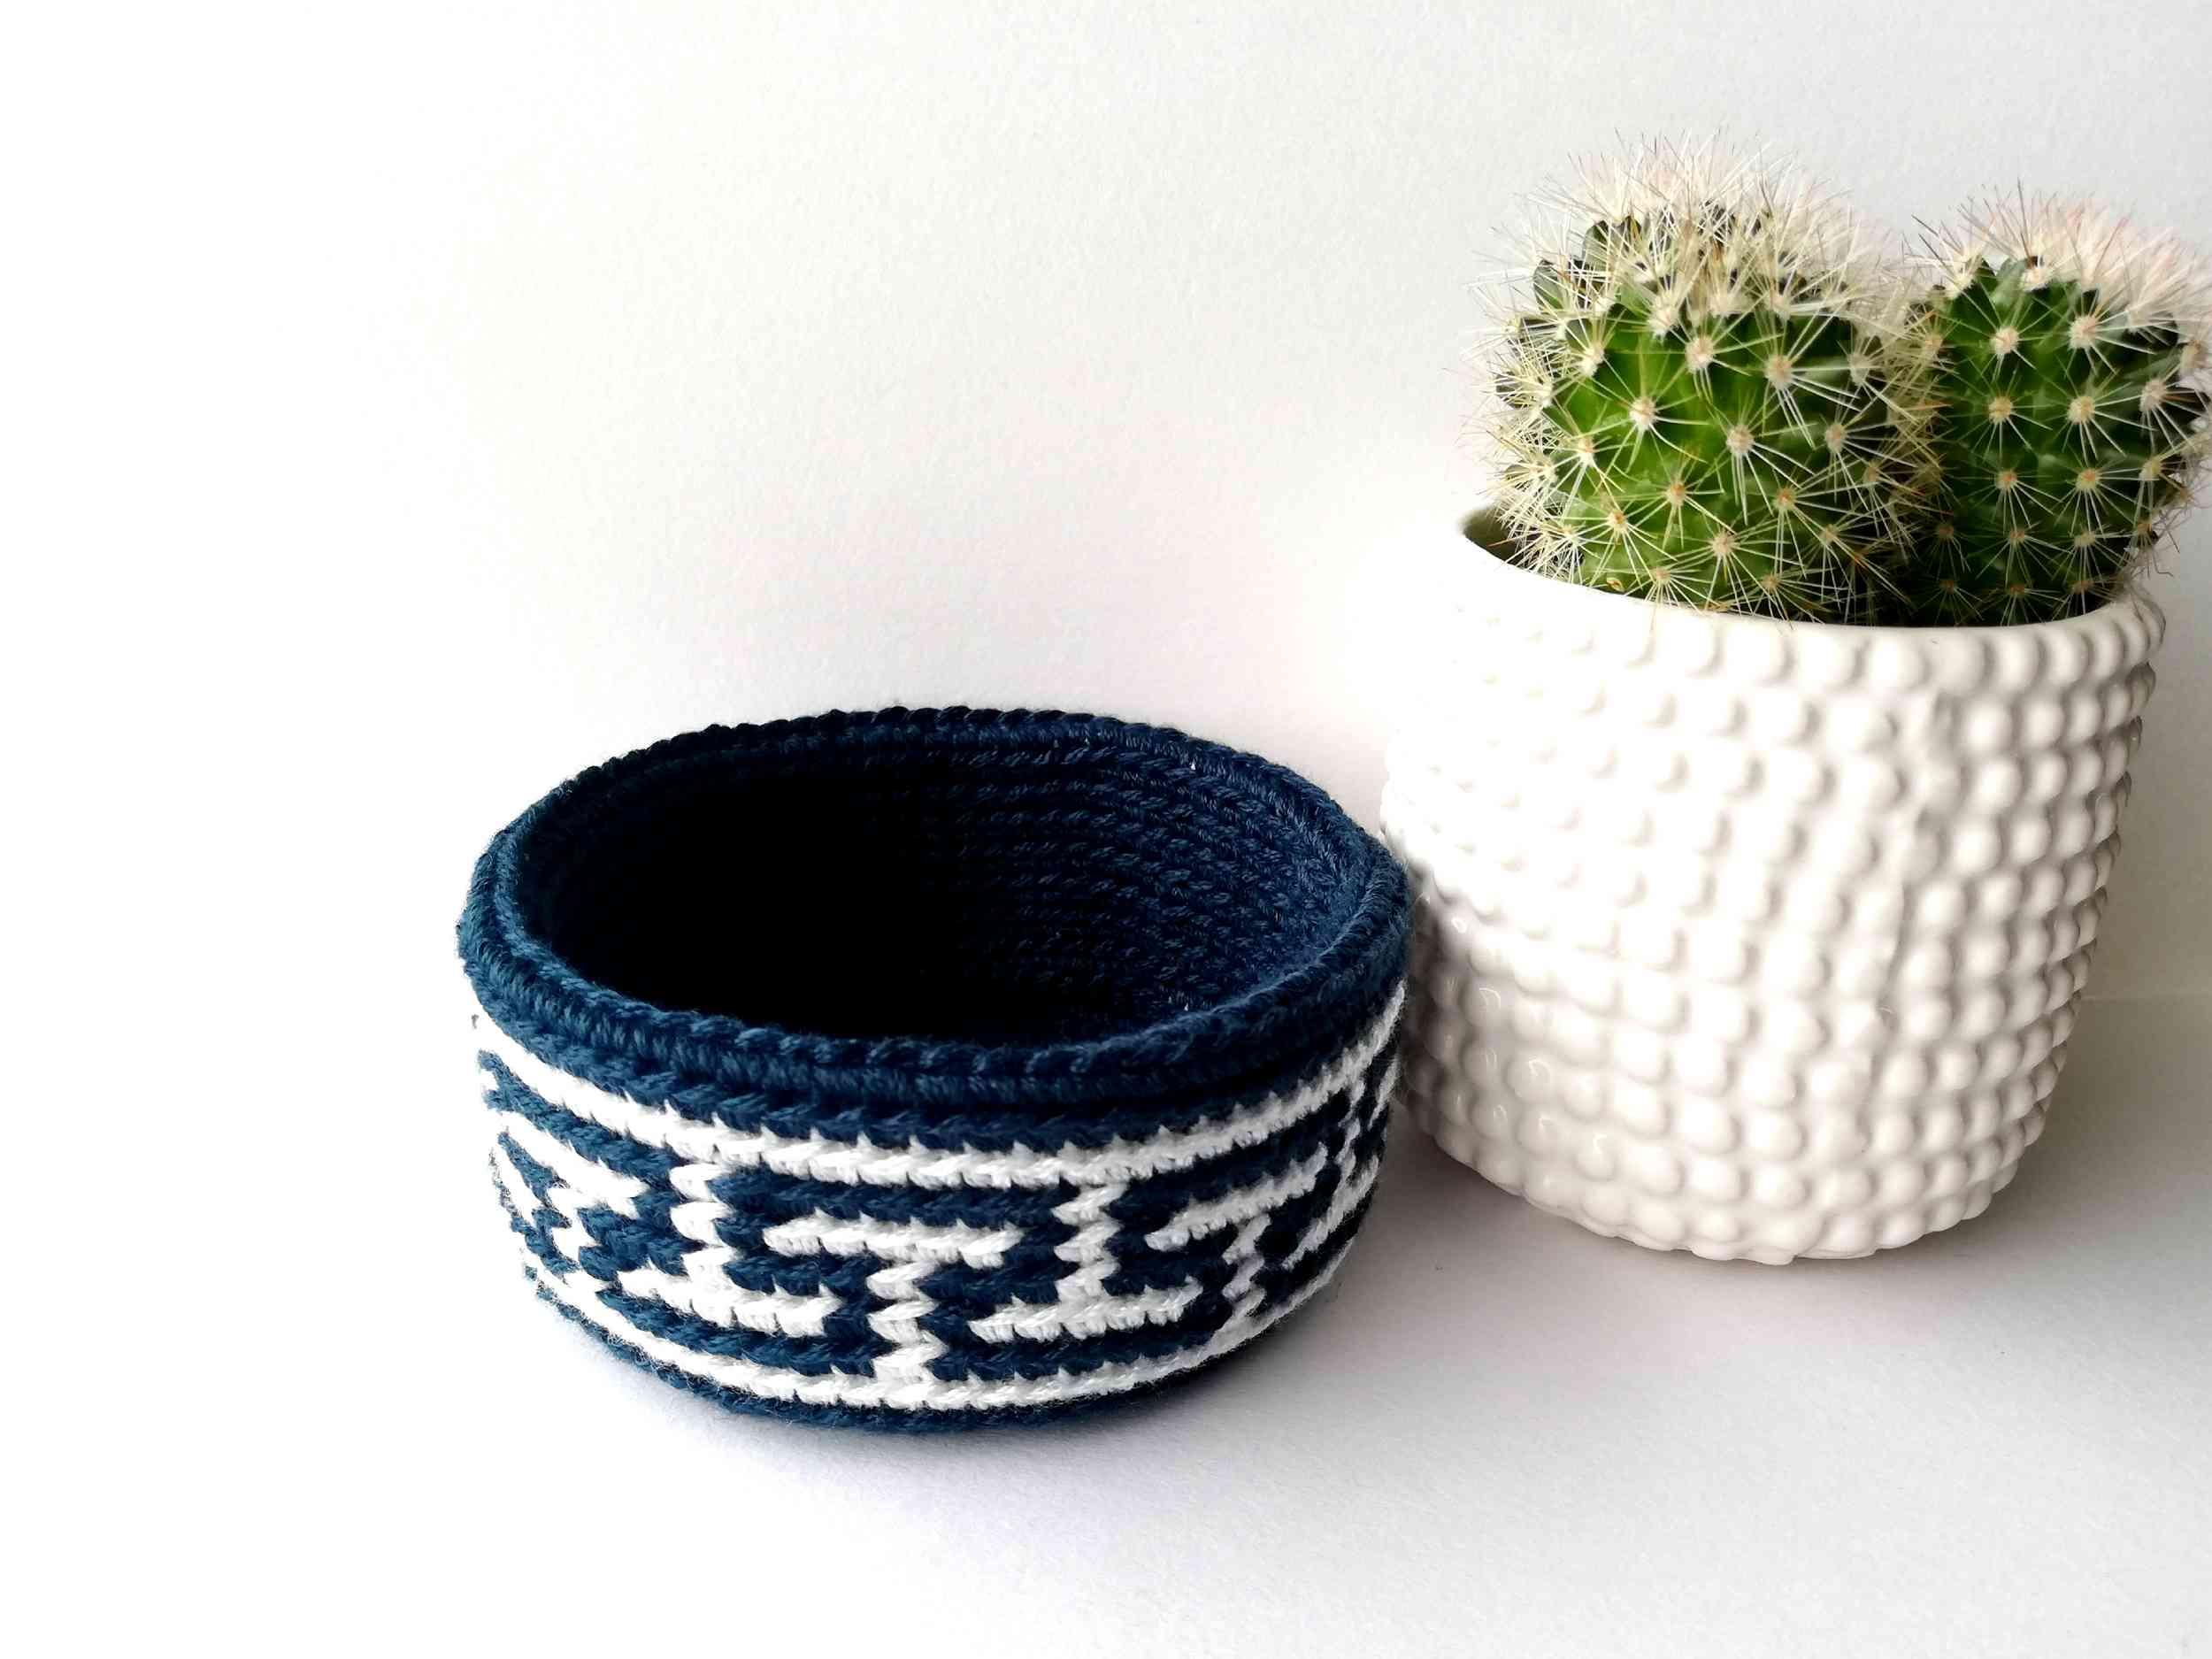 Tapestry crochet basket Meander